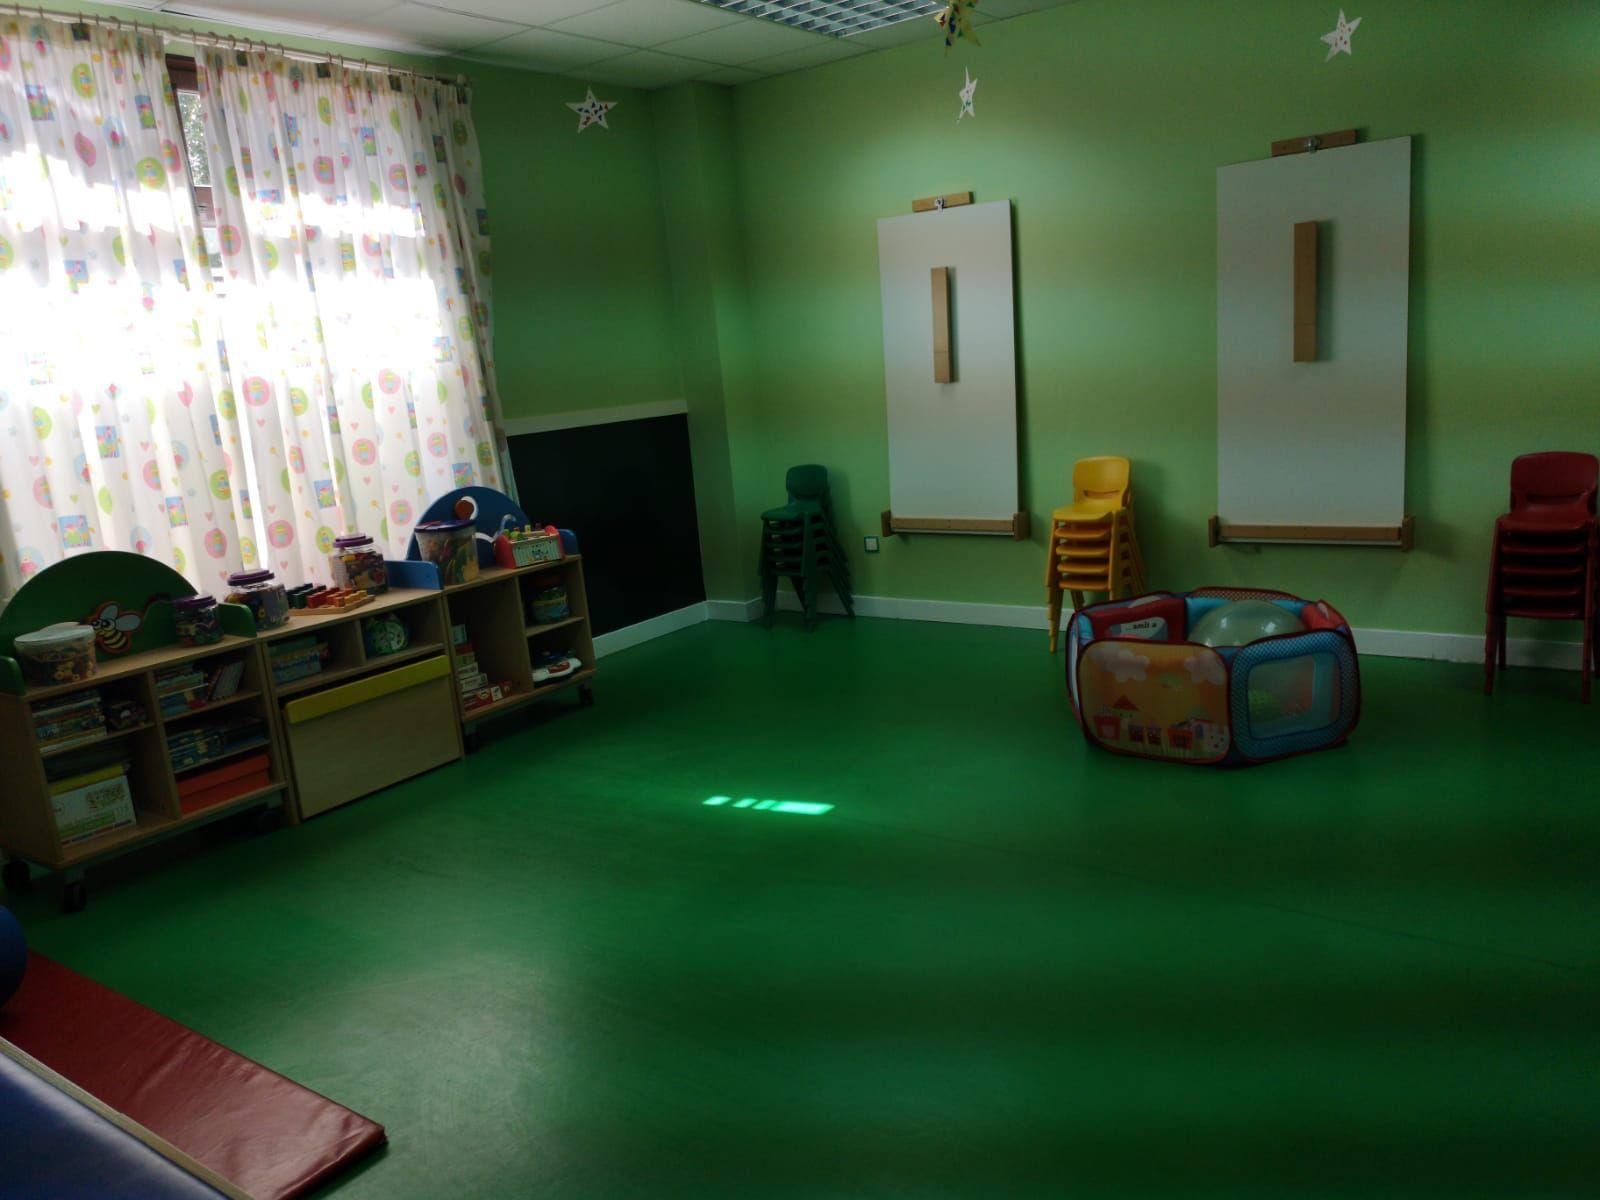 Sala de juegos en escuela arlequín